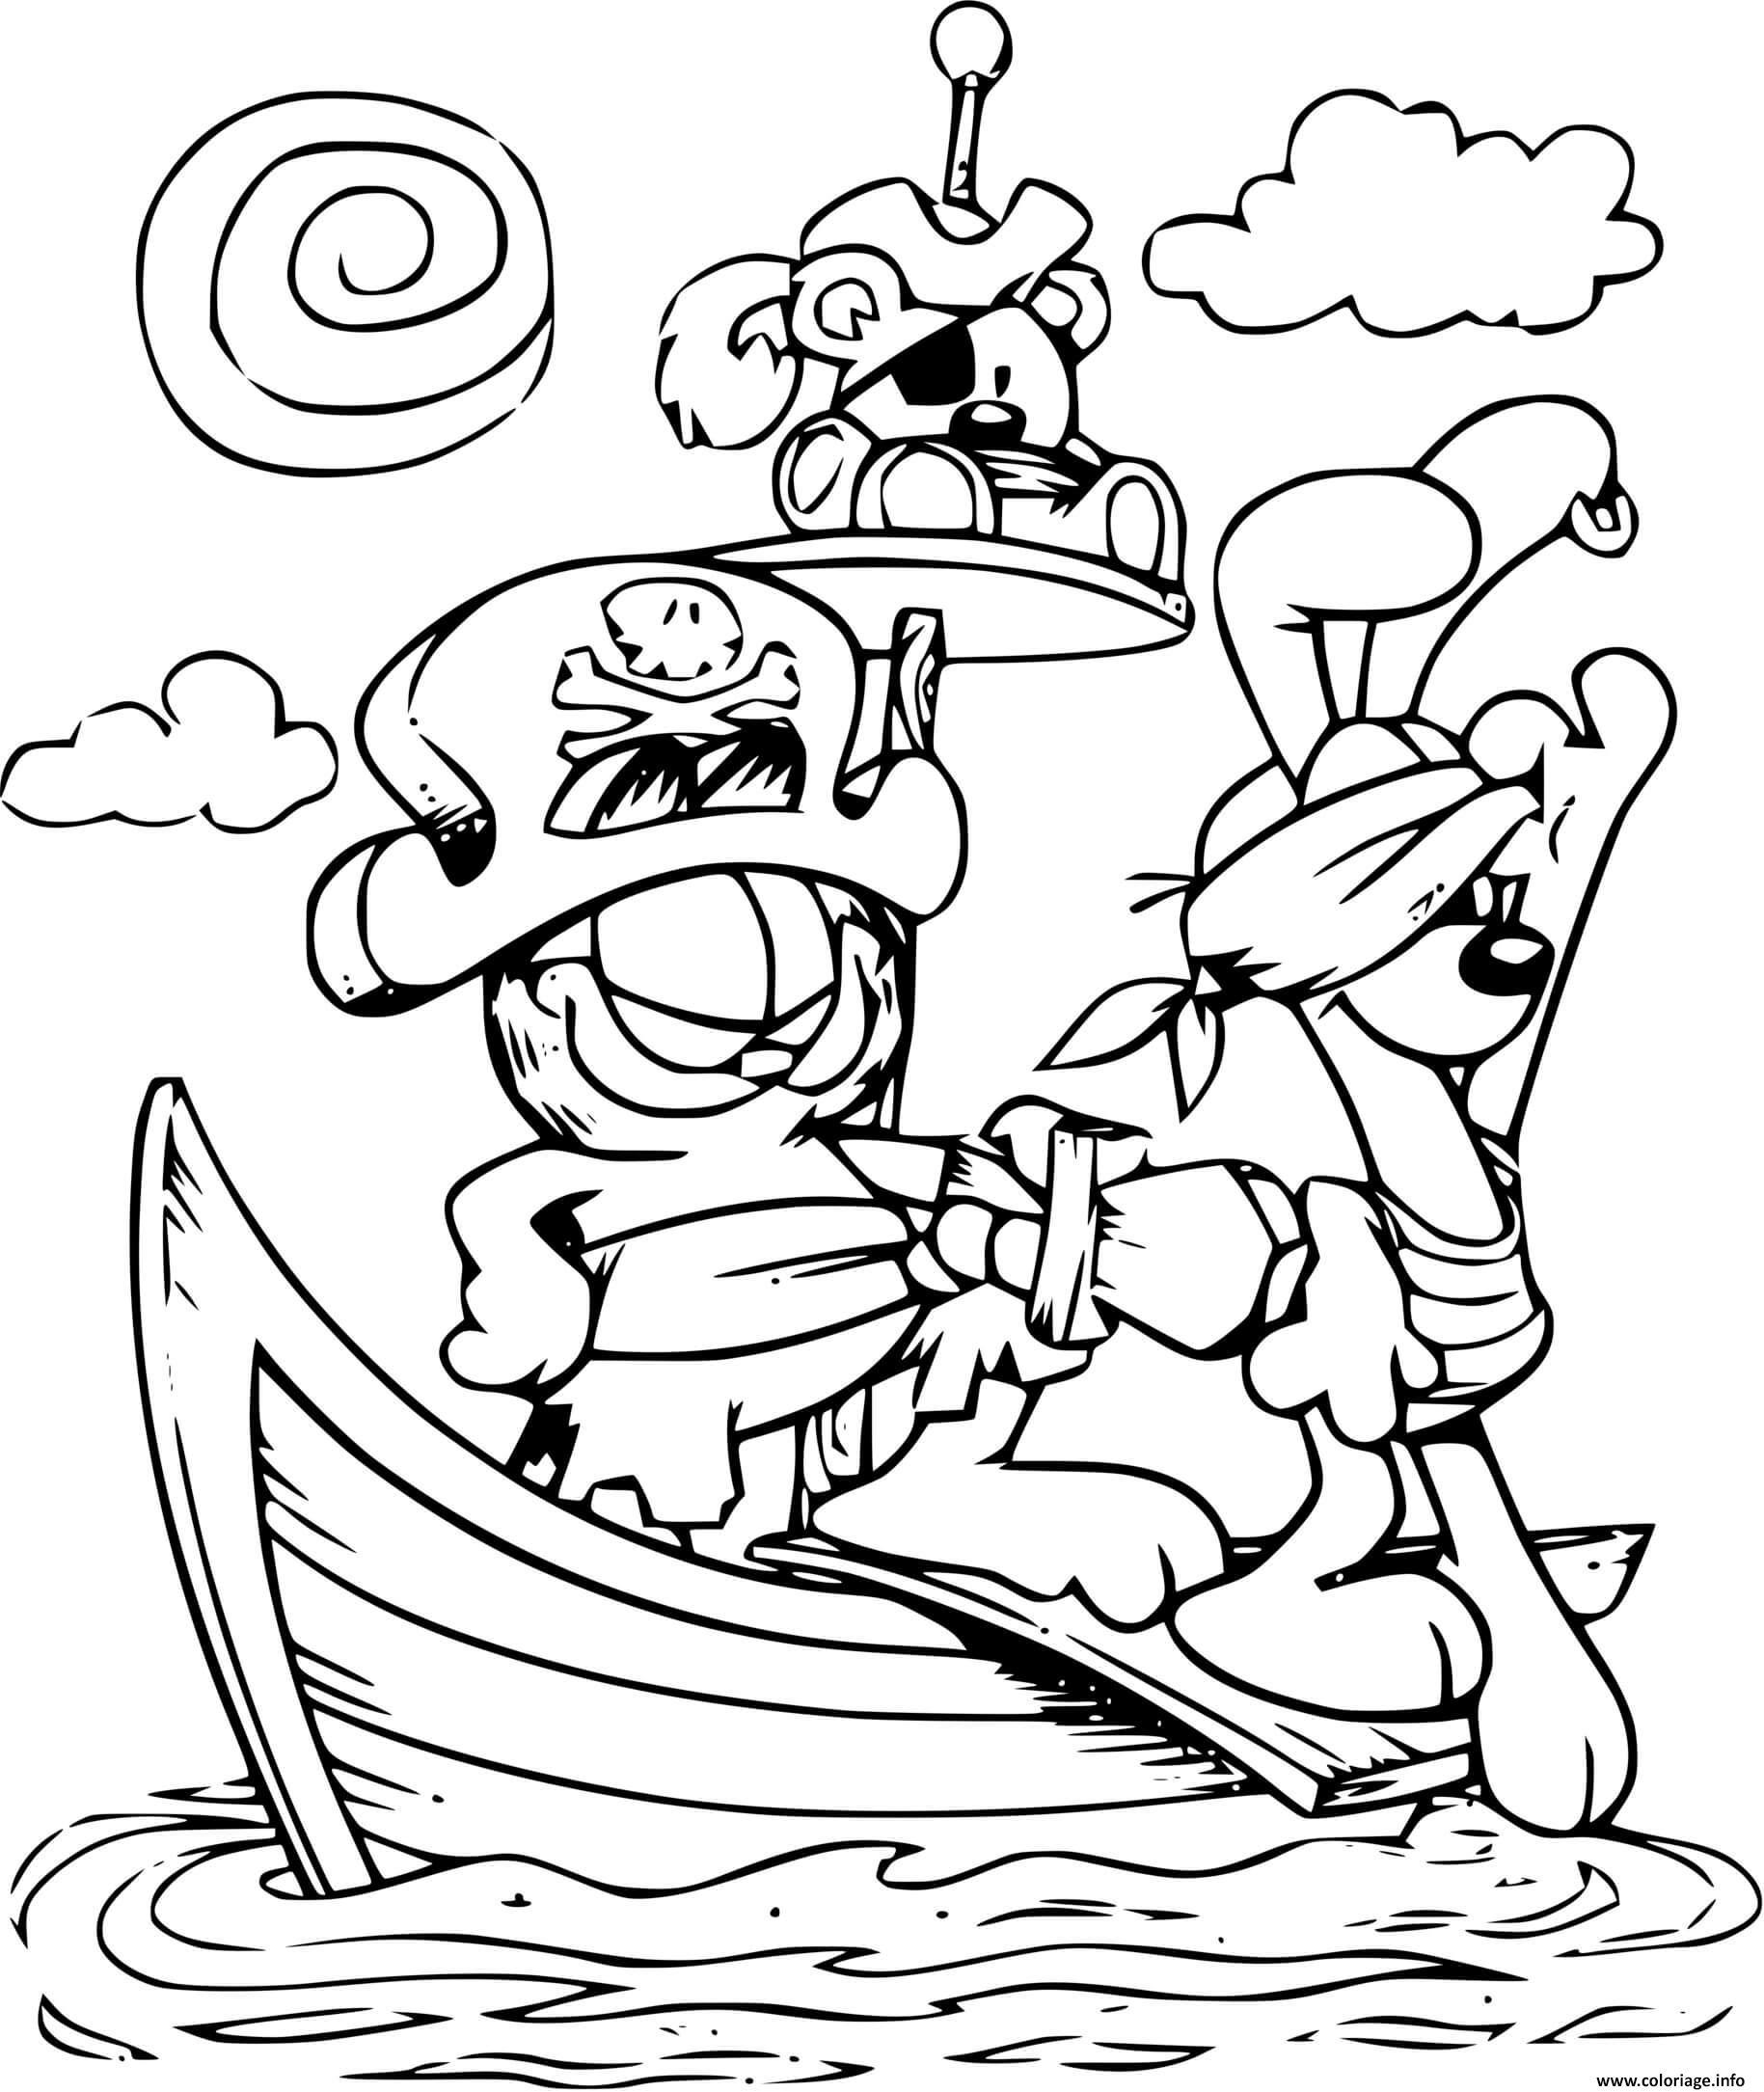 Dessin garfield le pirate sur un bateau en mer Coloriage Gratuit à Imprimer